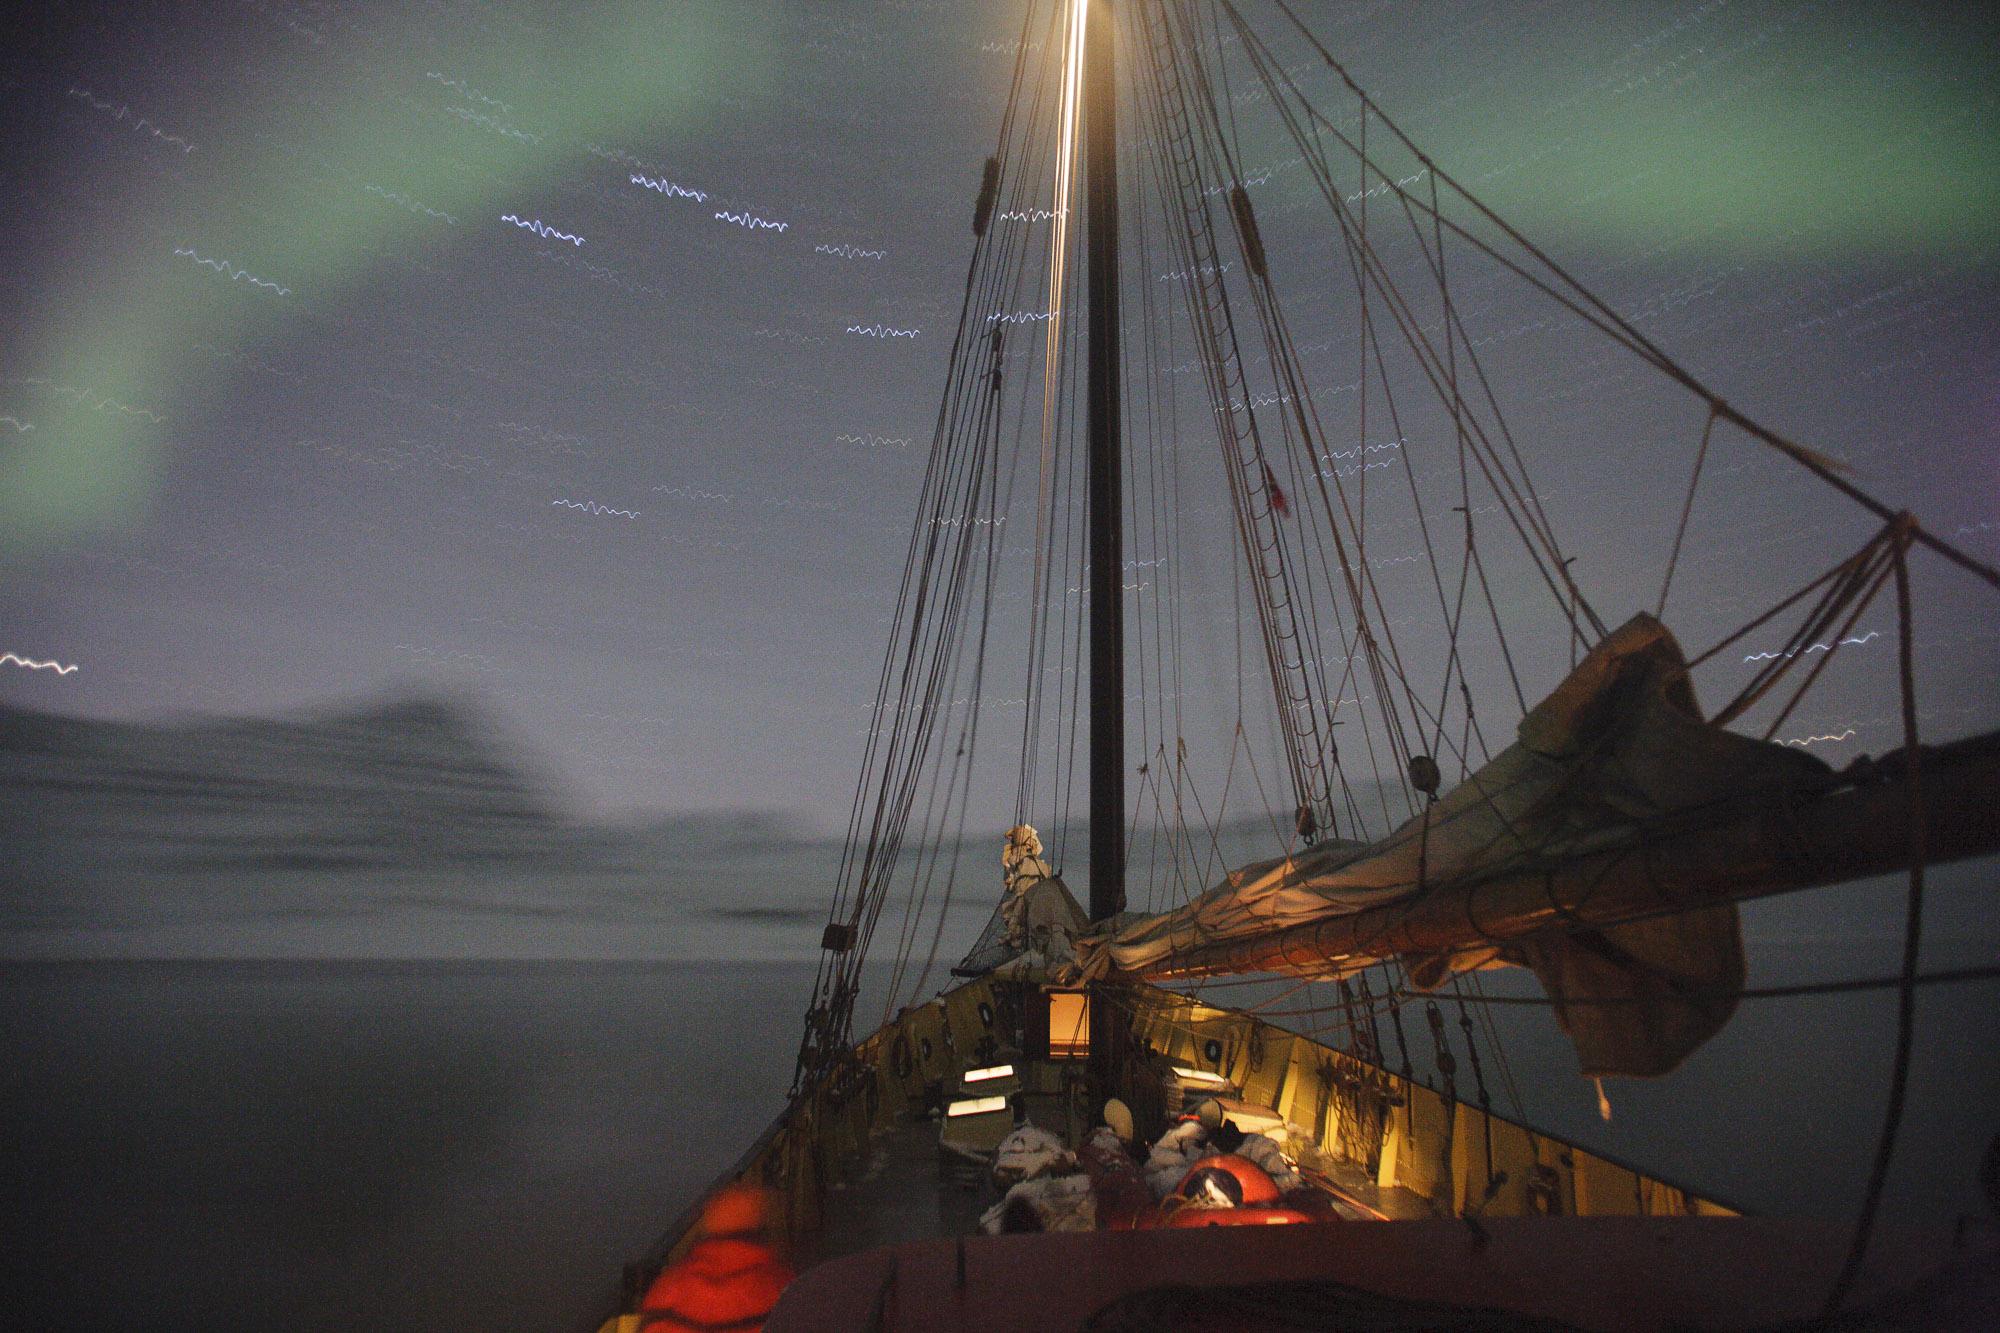 Noorderlicht pictured under northern lights